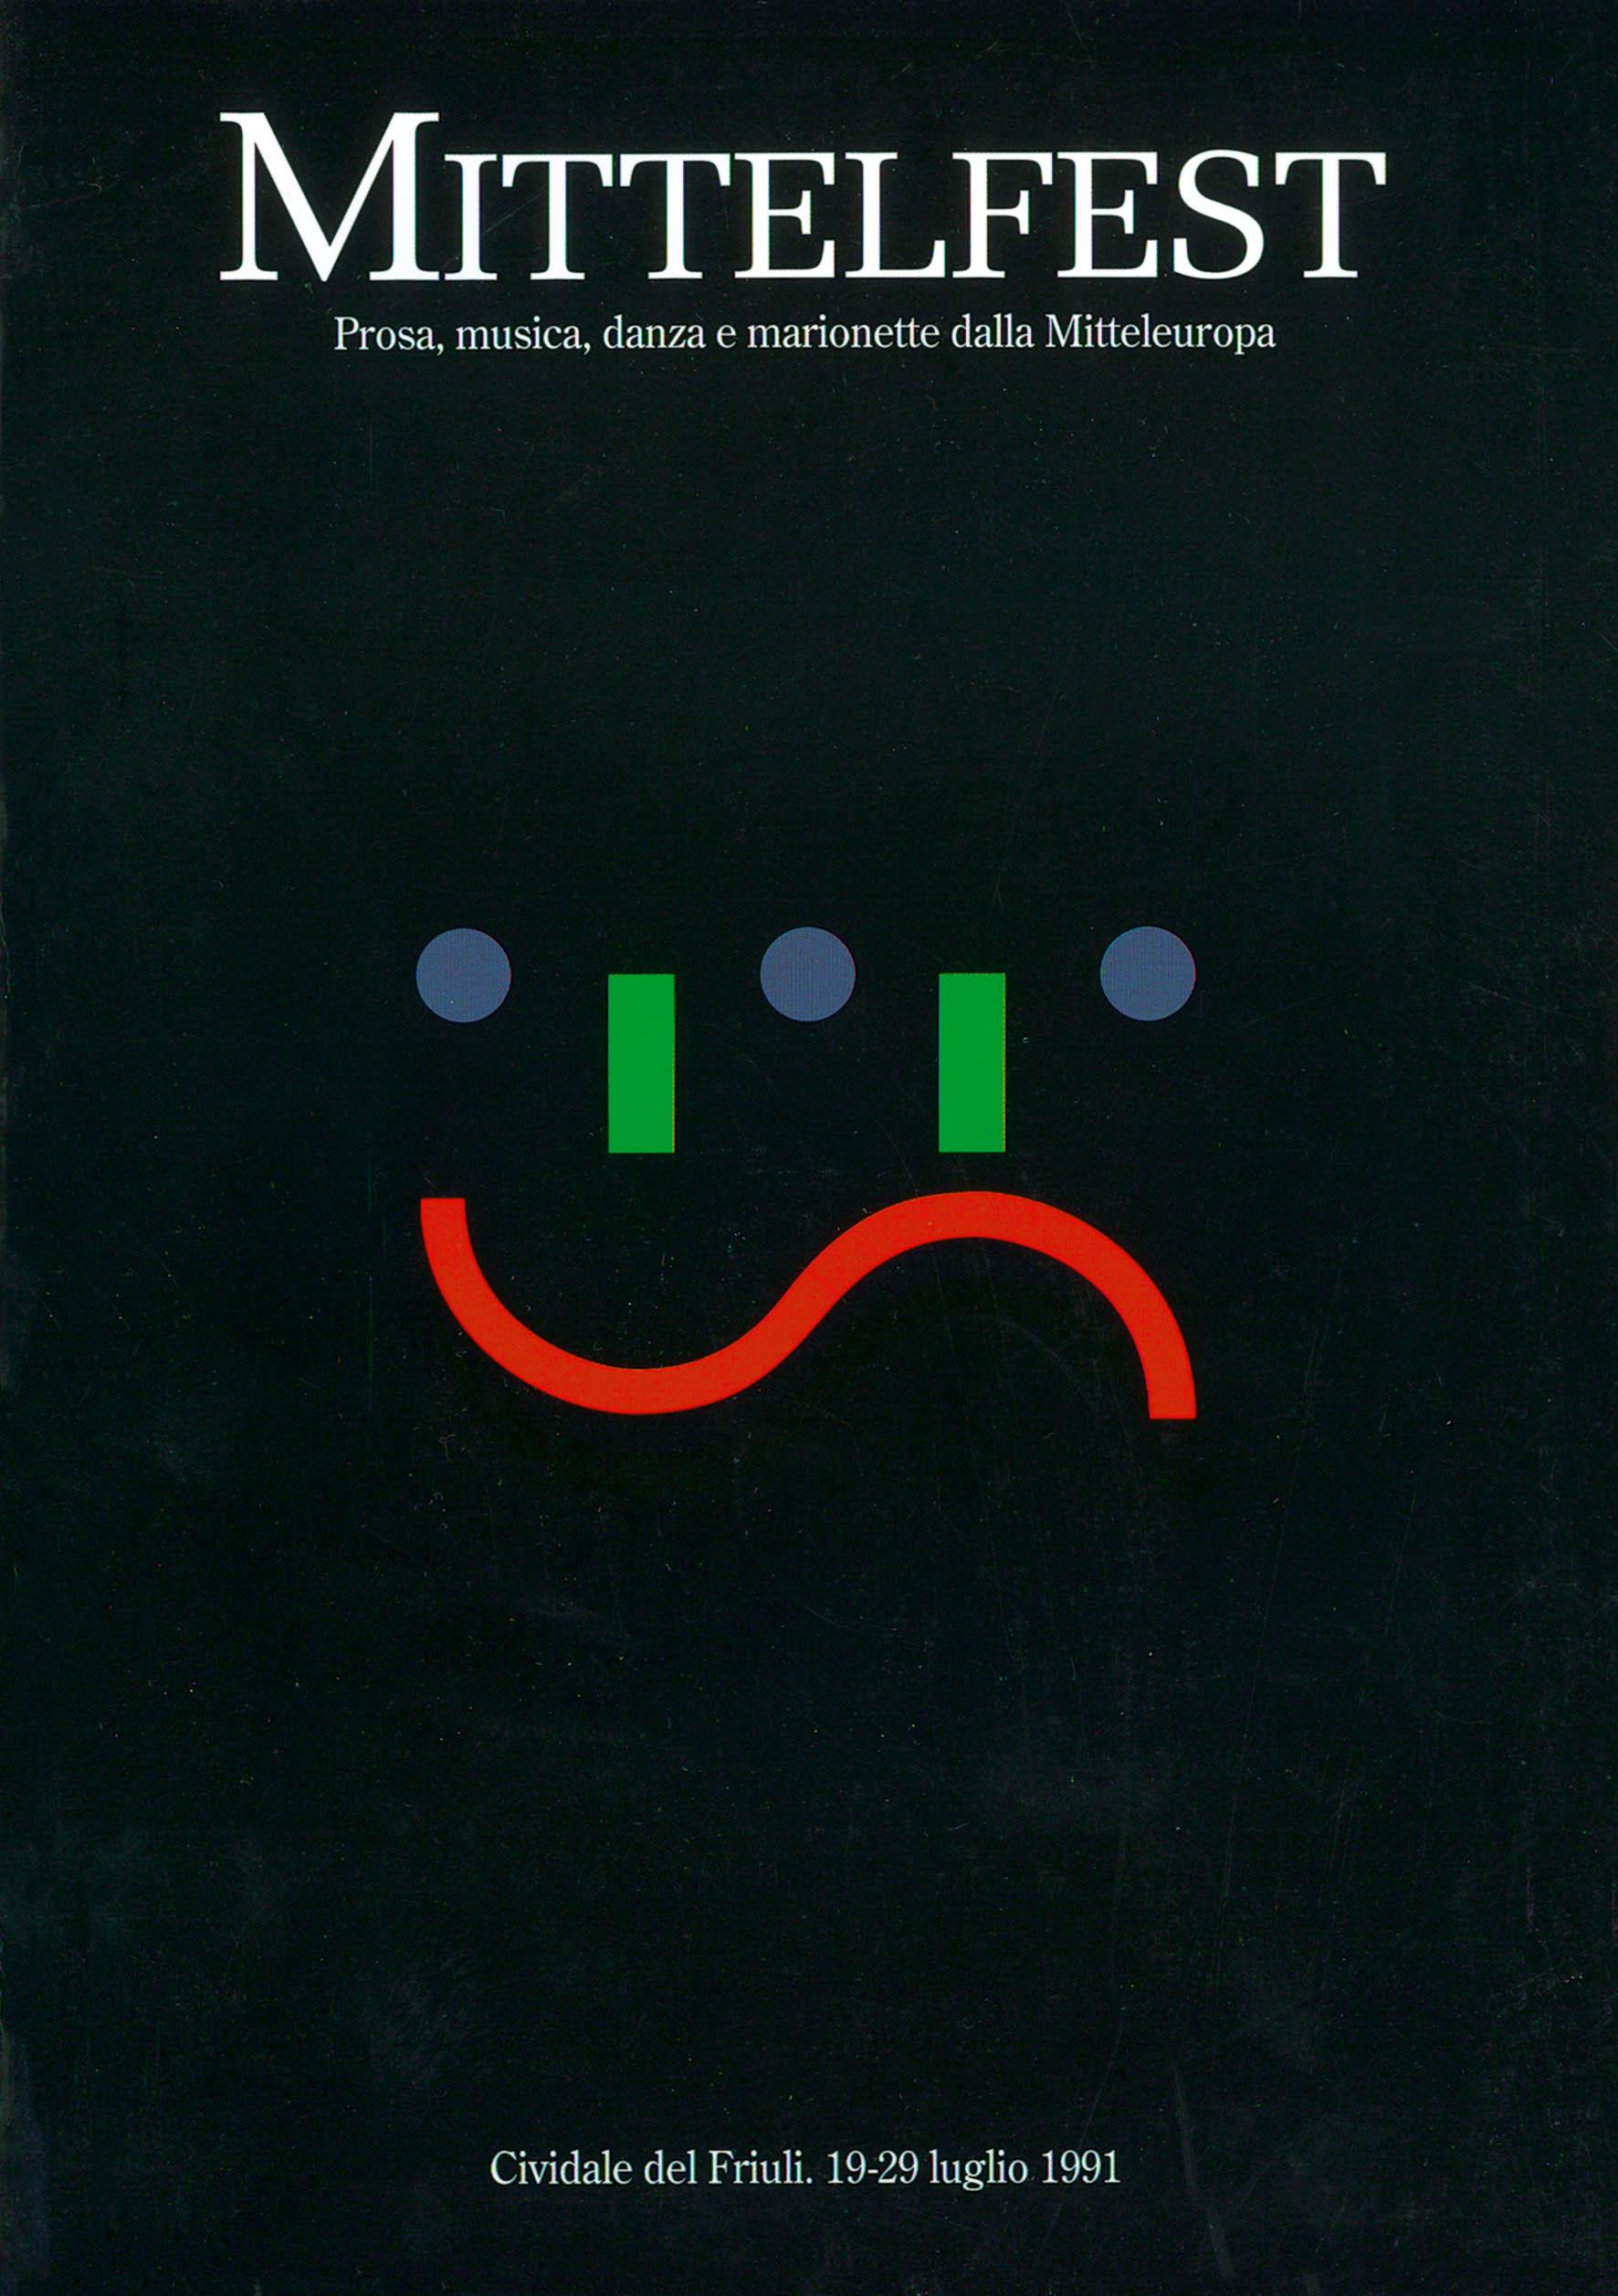 1991 Prosa, musica, danza, cinema e marionette dalla Mitteleuropa